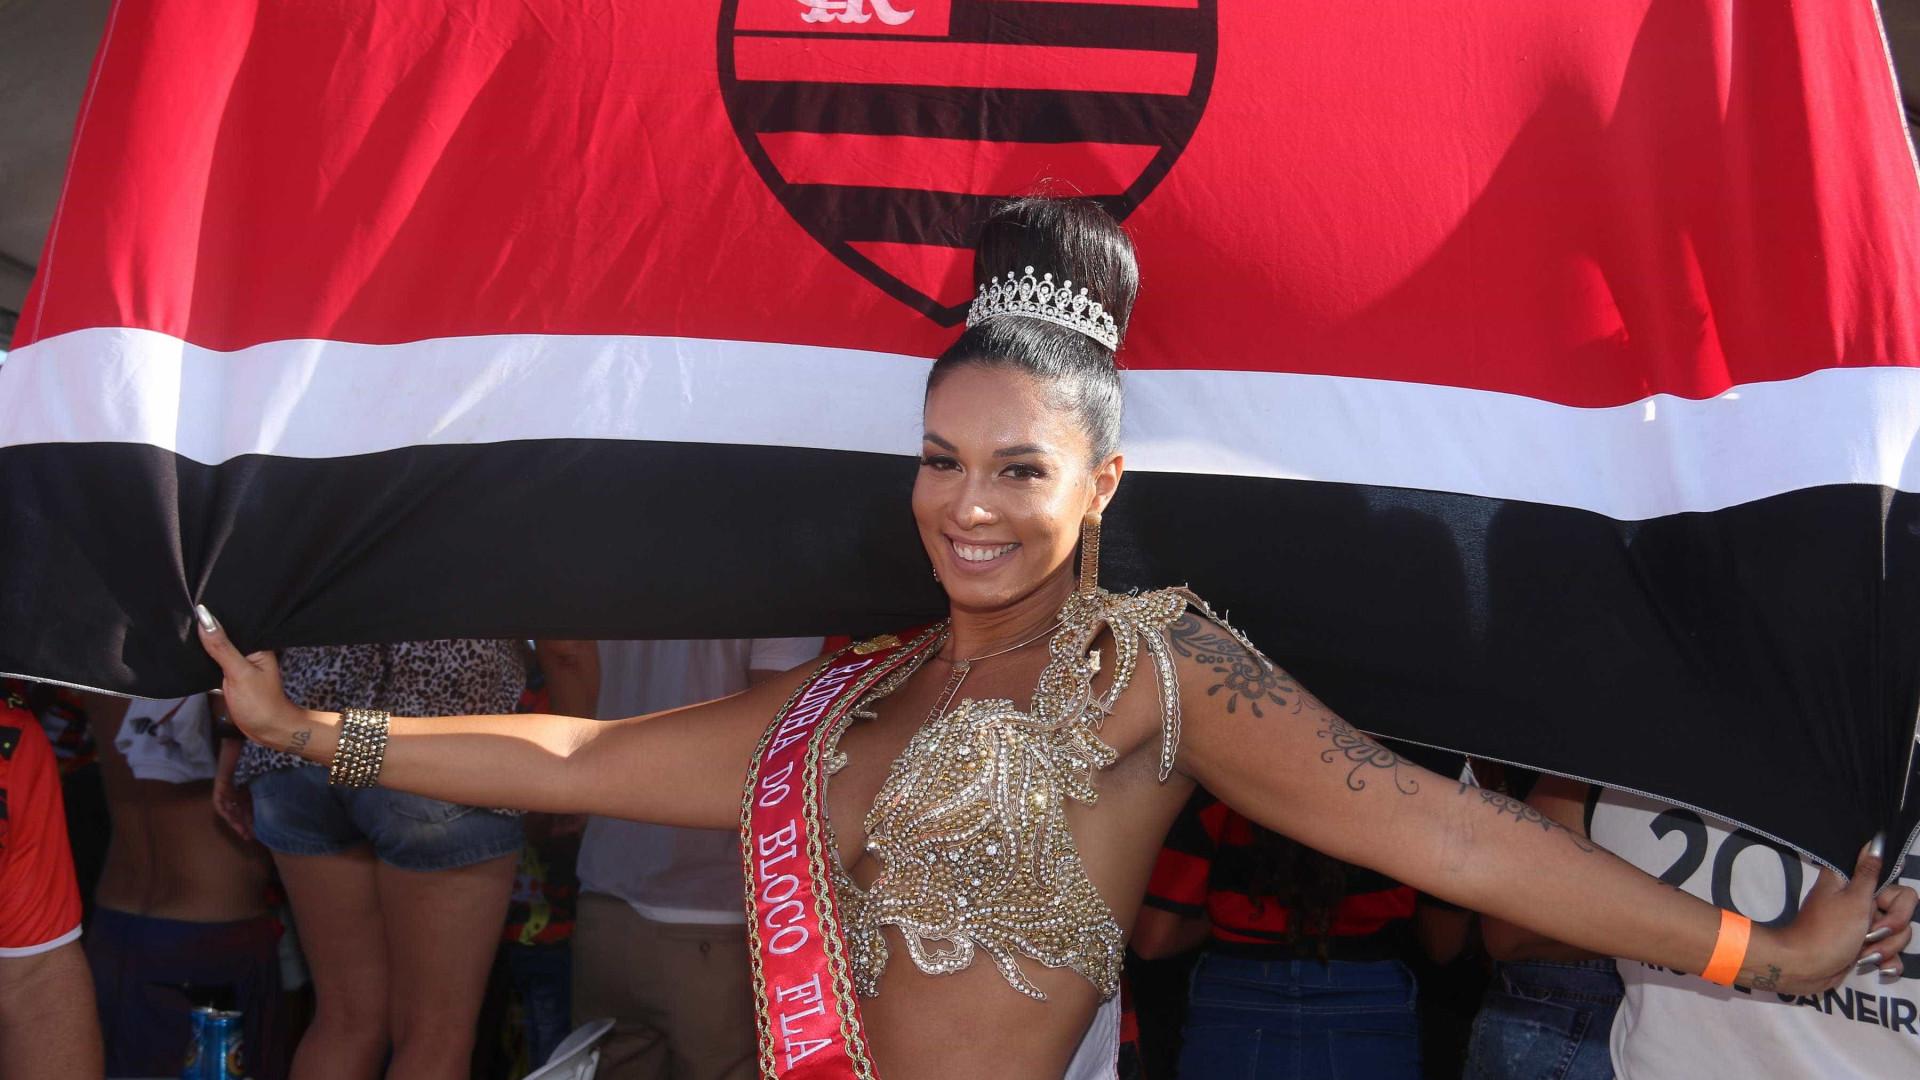 Rainha da Império Serrano, Milena Nogueira diz como mantém corpo sarado